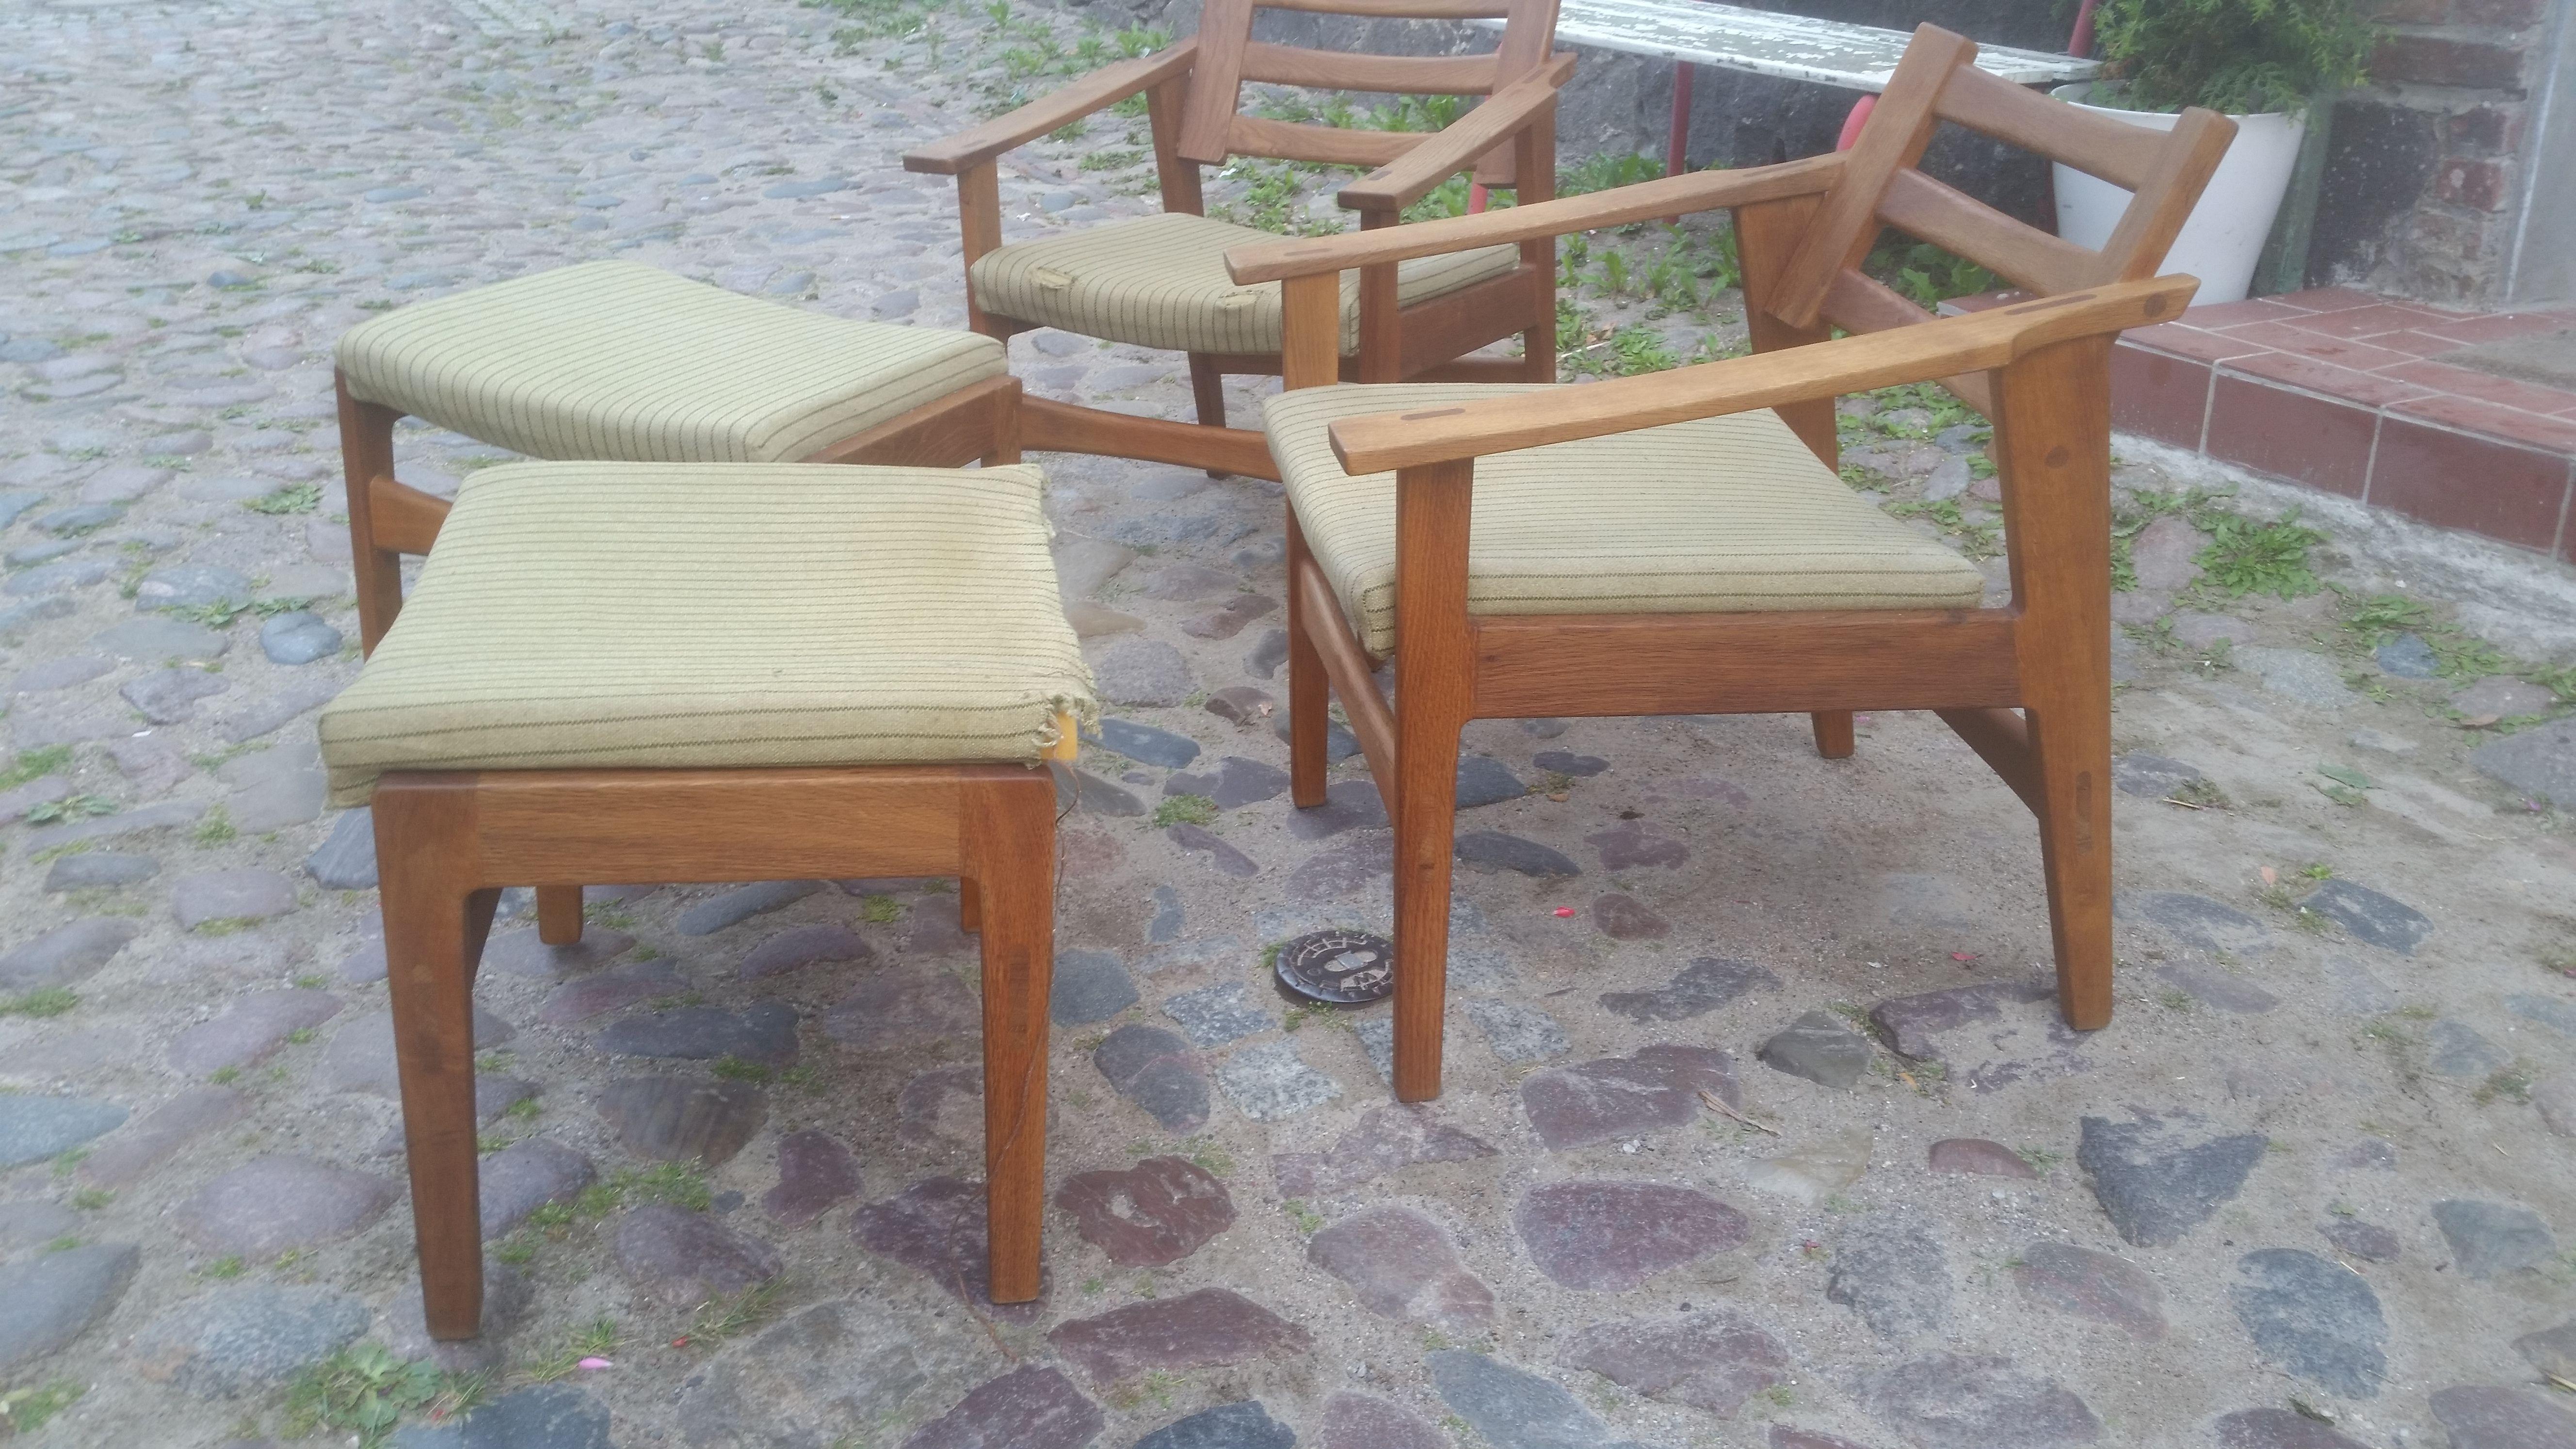 Schone Holzsessel Aus Den 50er 60ern Mit Jeweils Einem Hocker Zu Finden Bei My Vintage Berlin Holzsessel Sessel Hocker